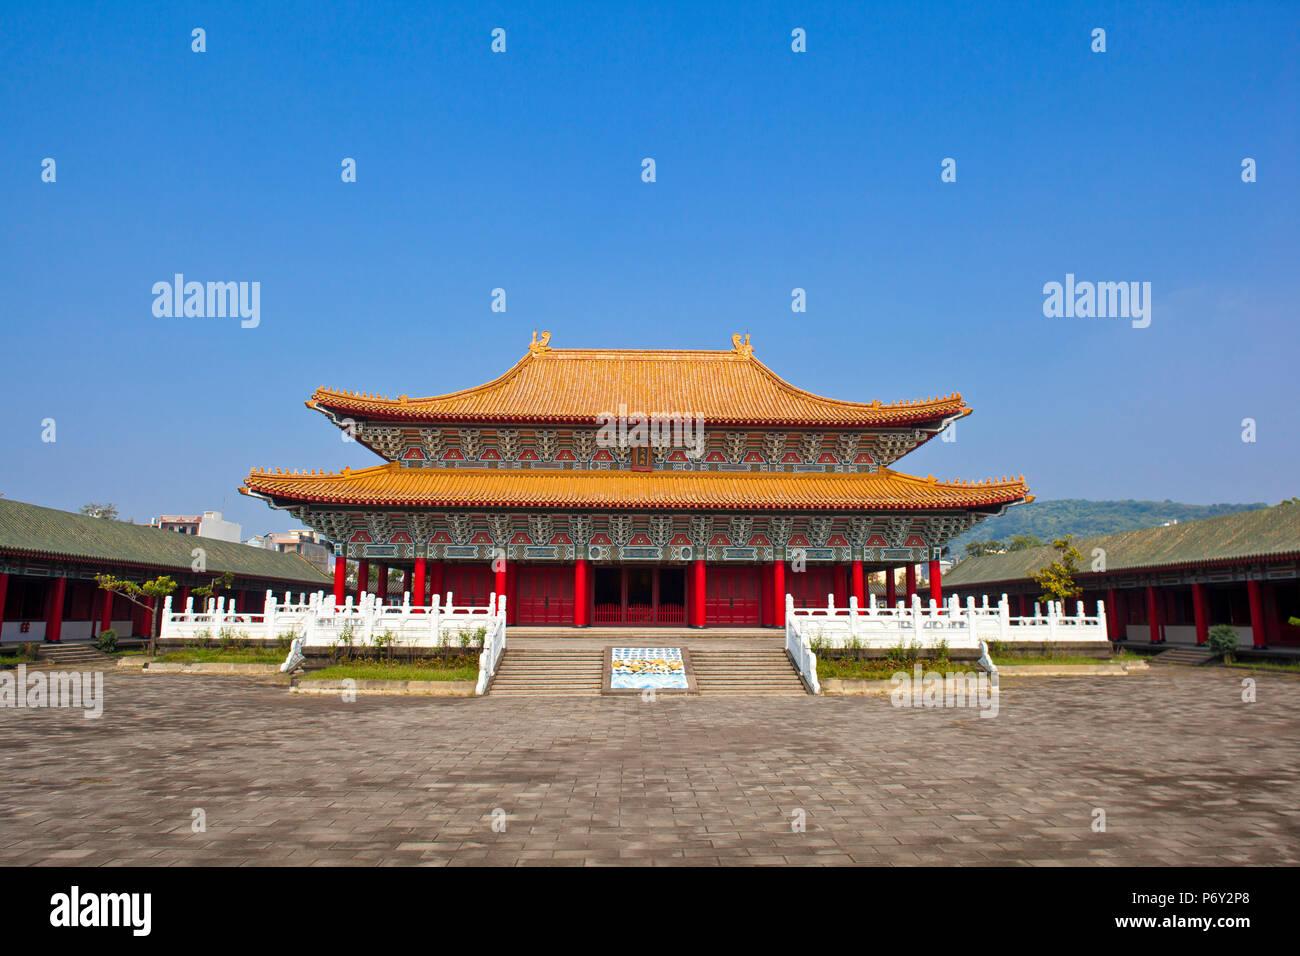 Taiwan, Kaohsiung, Lotus Pond, Zuoying Tempio di Confucio Immagini Stock